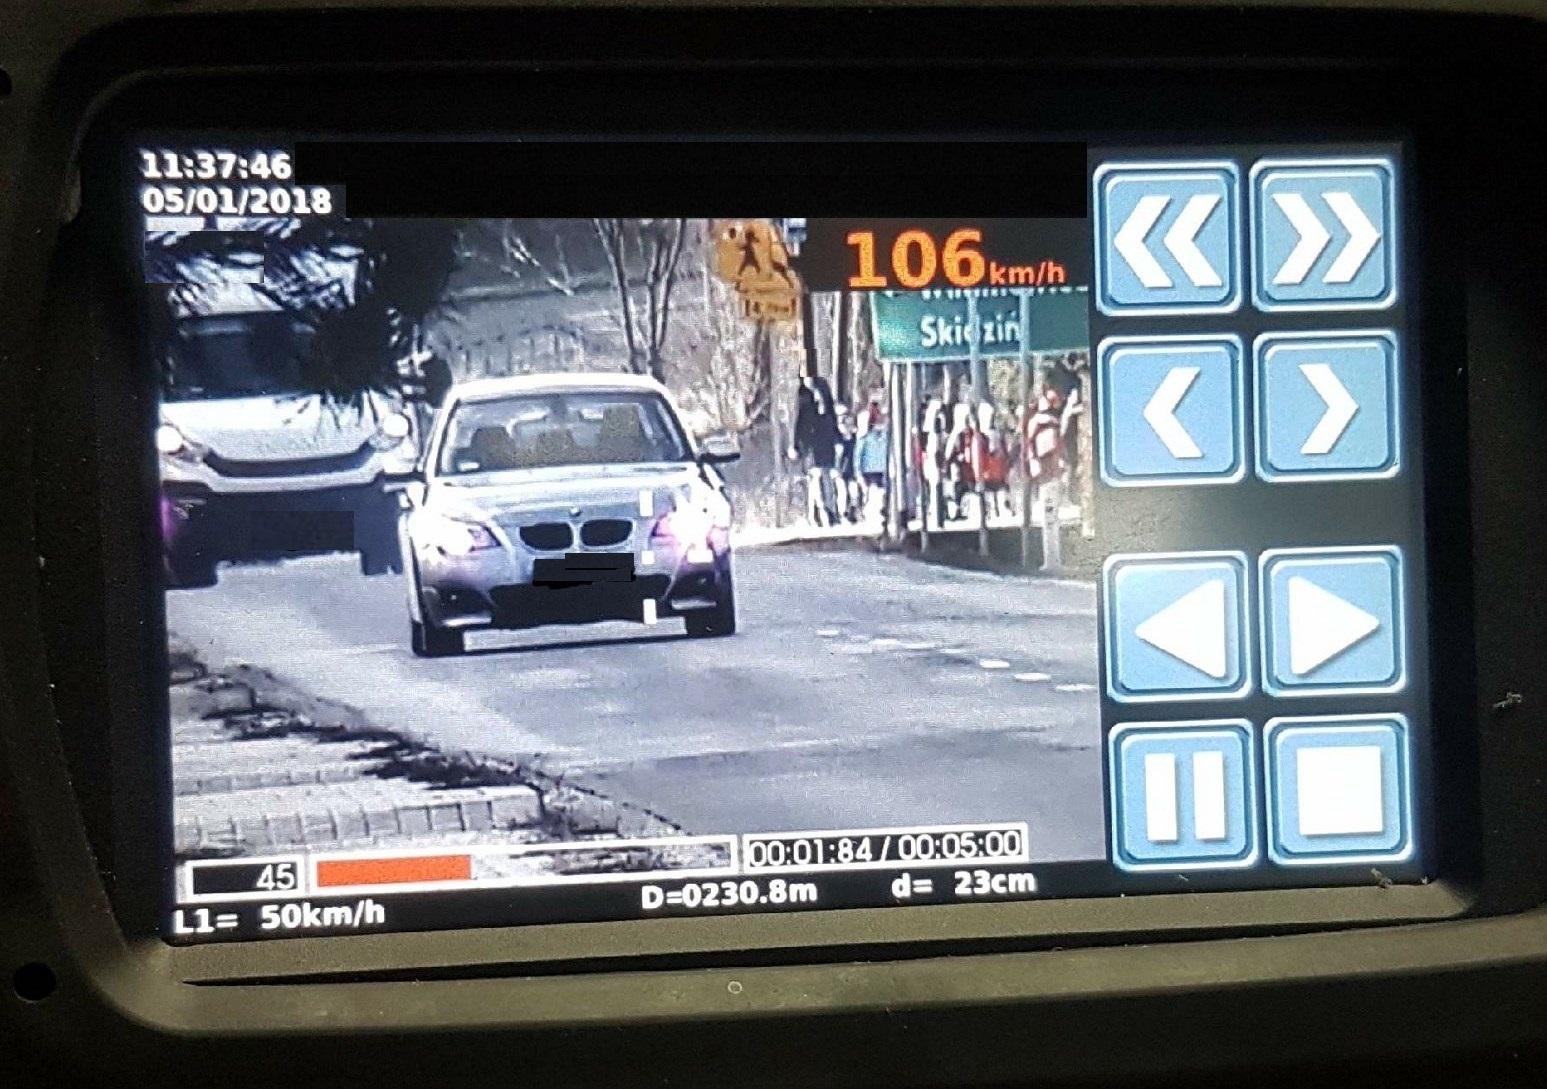 ZASOLE. Stracił prawko na trzy miesiące. Policjanci wykorzystali nowoczesny wideoradar.